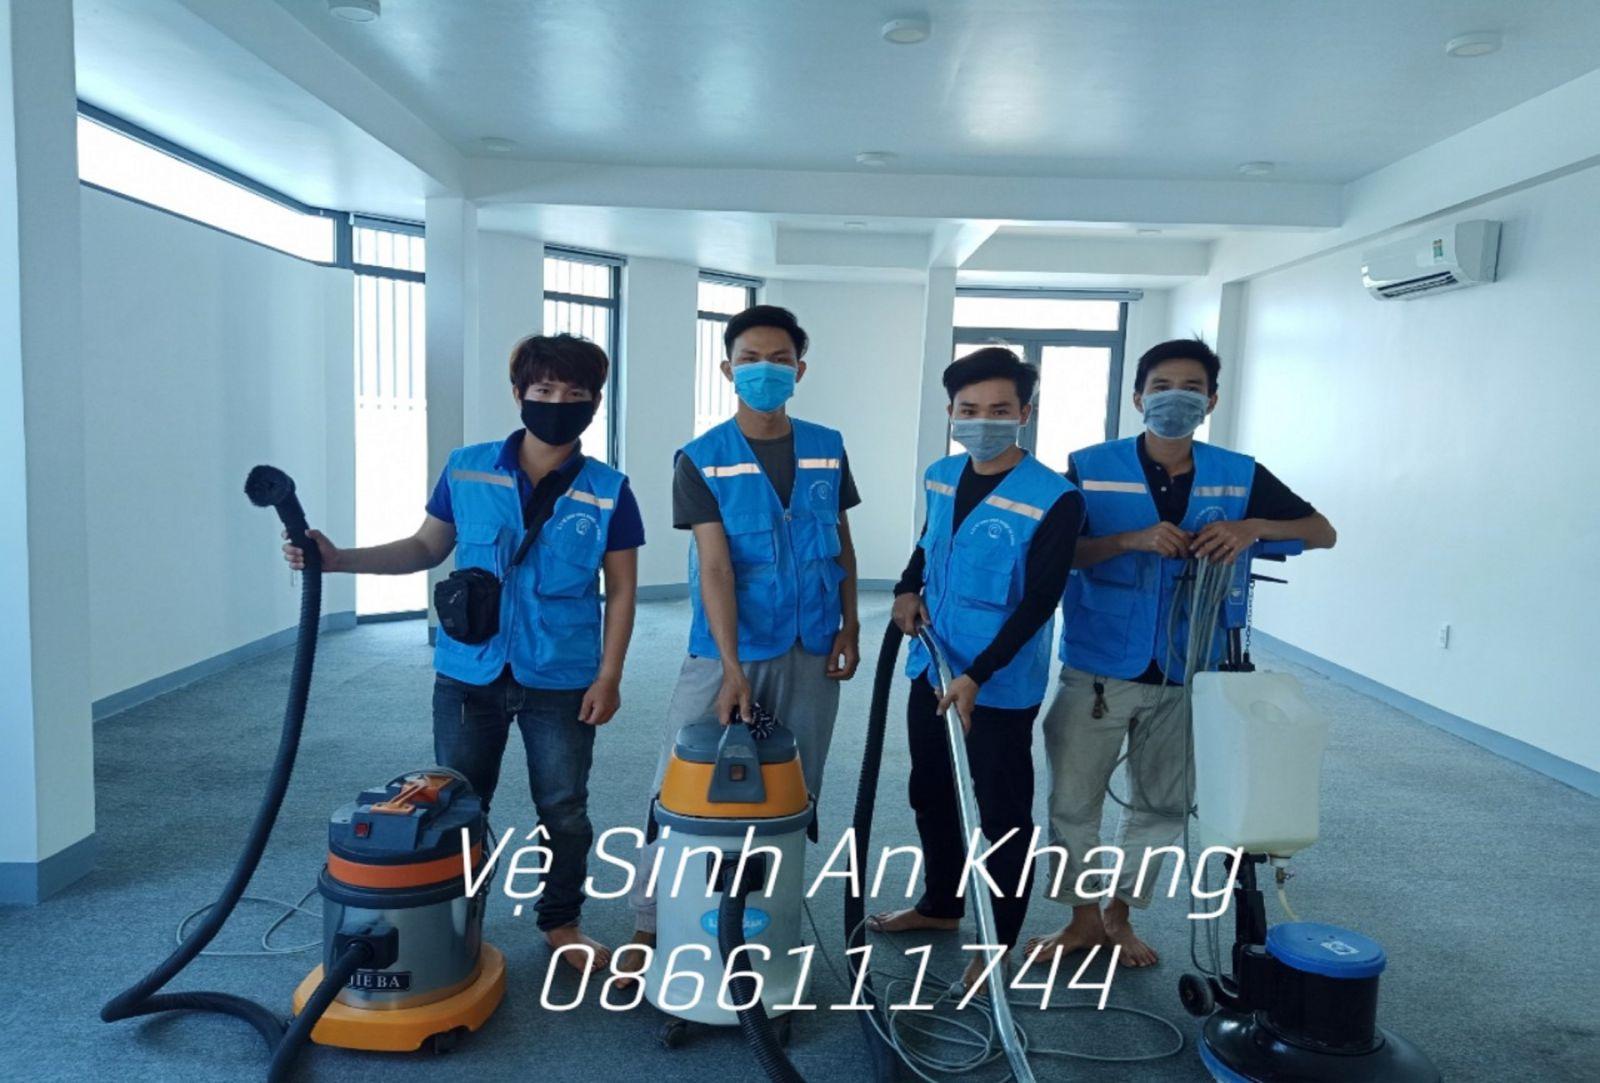 công ty vệ sinh An khang